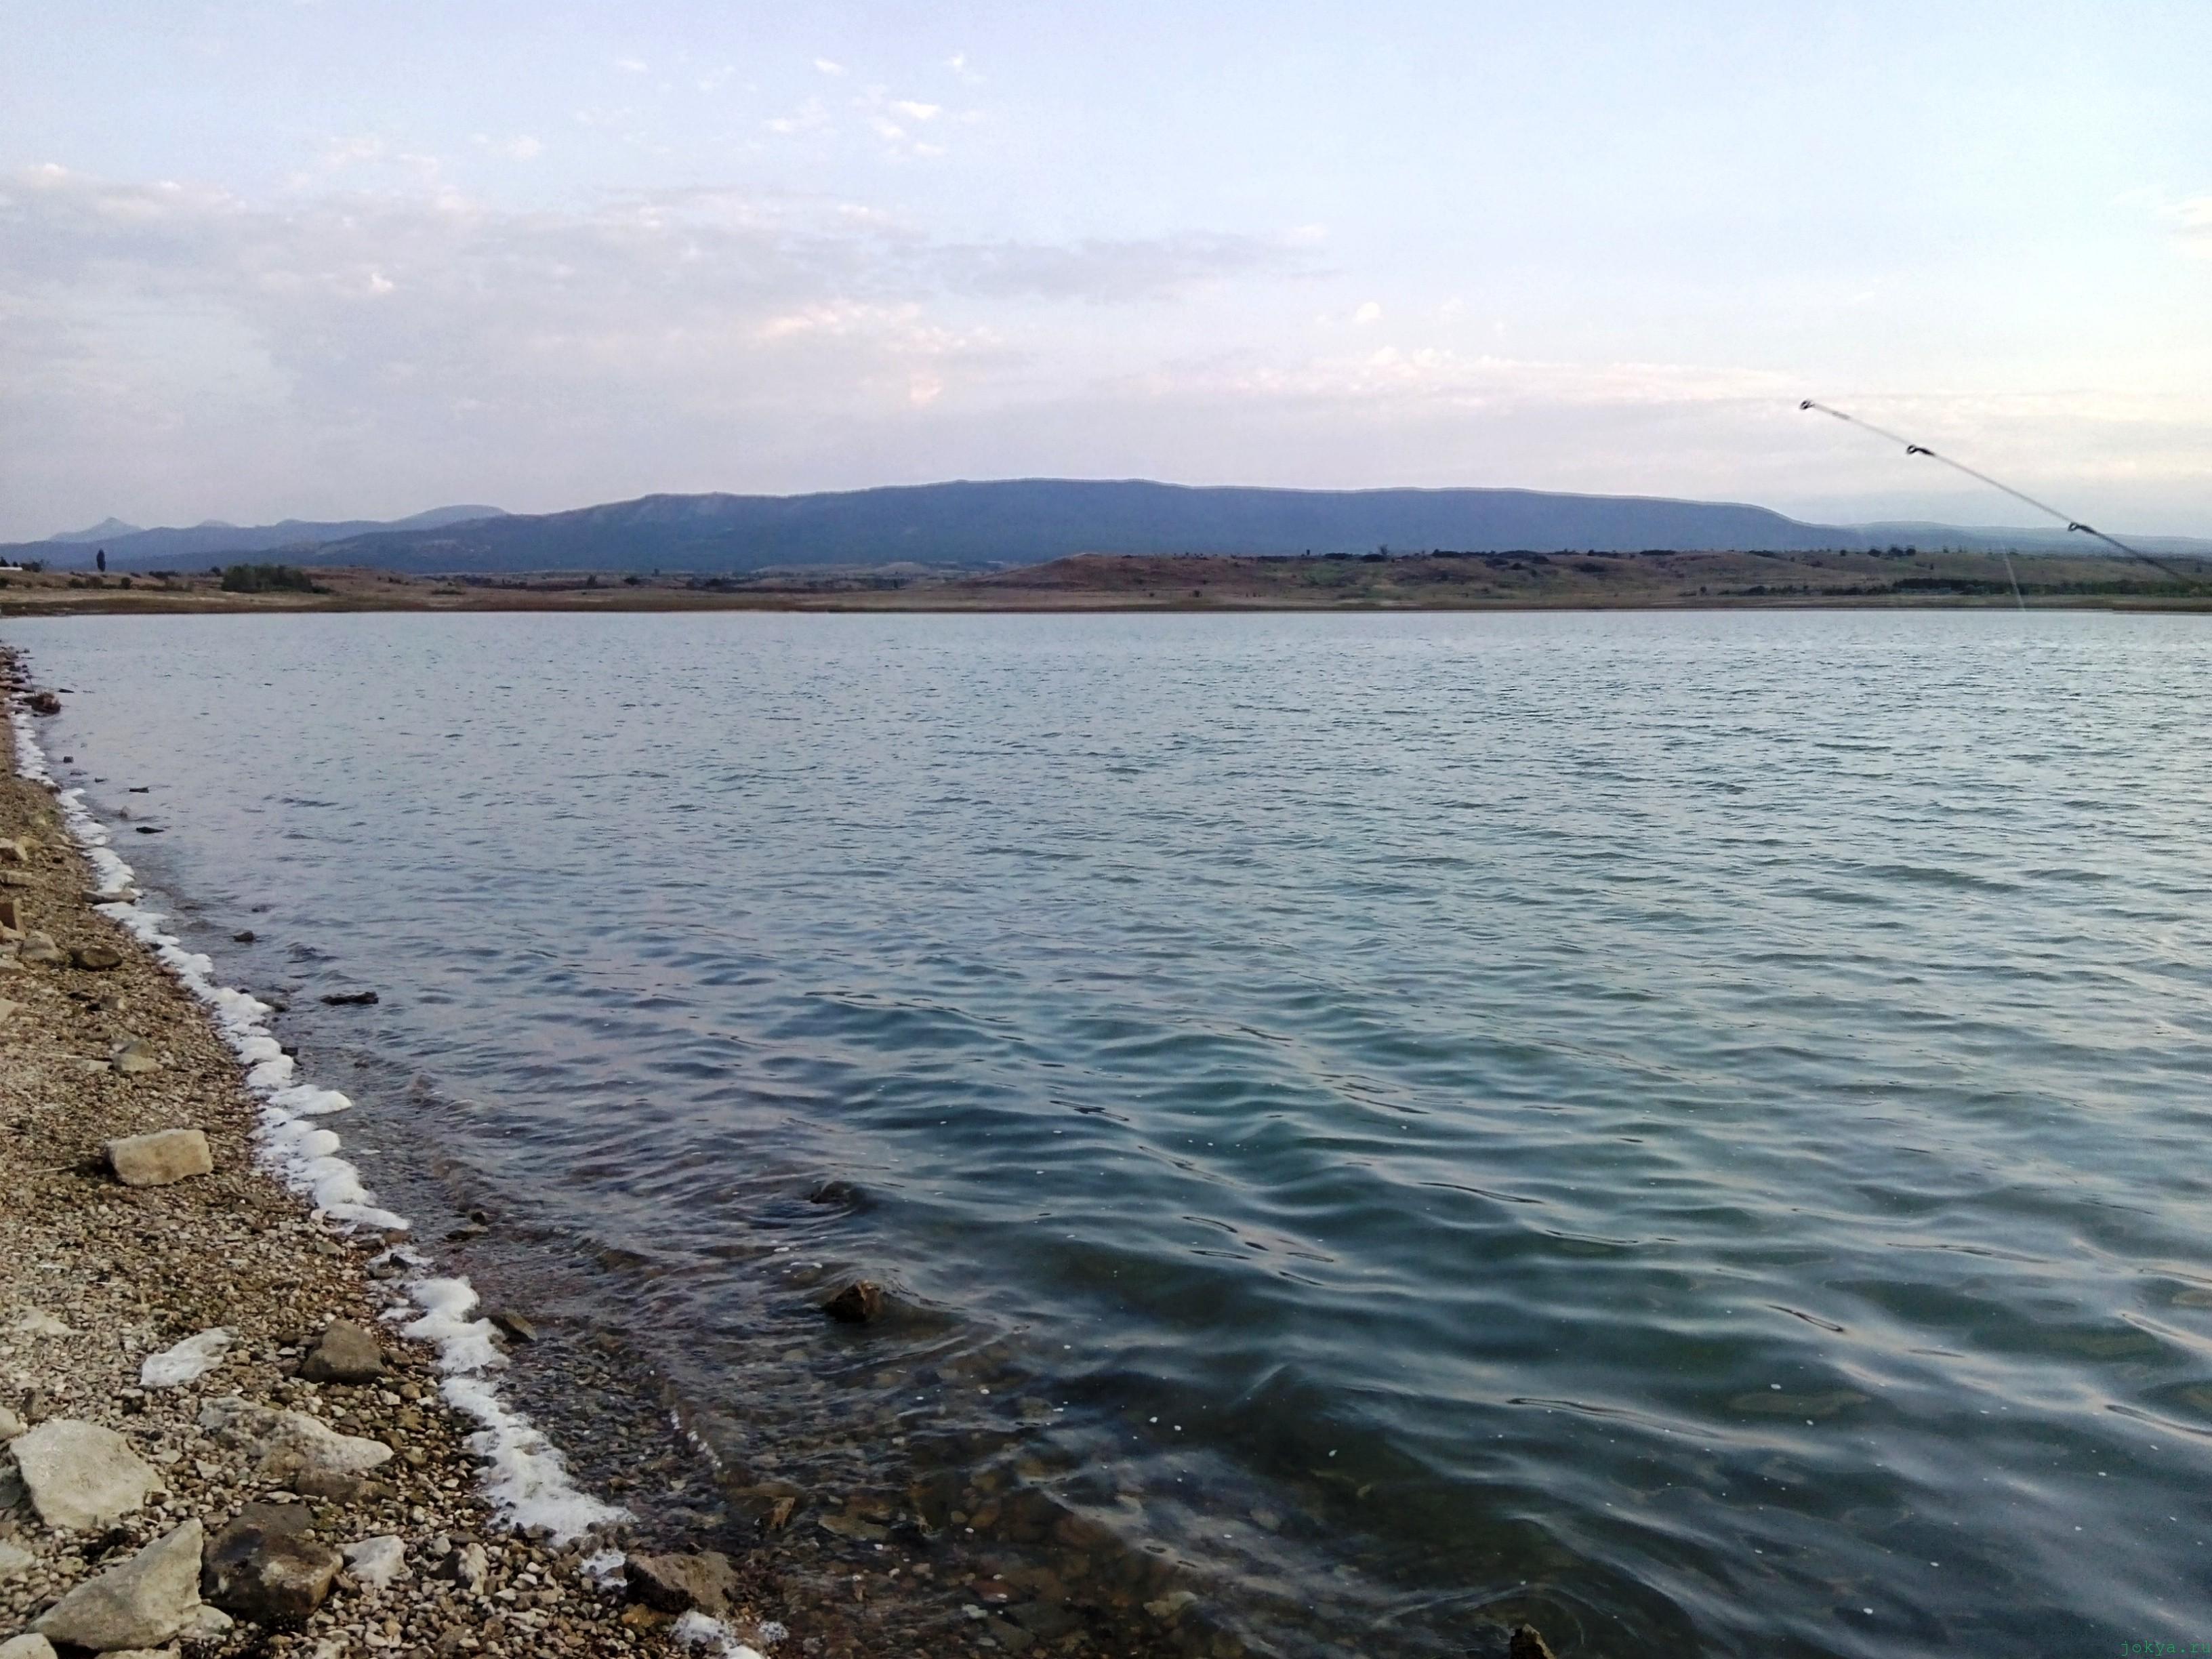 Вечером на Тайгане: прогулка под вечер на рыбалку фото заметка о Крыме jokya.ru